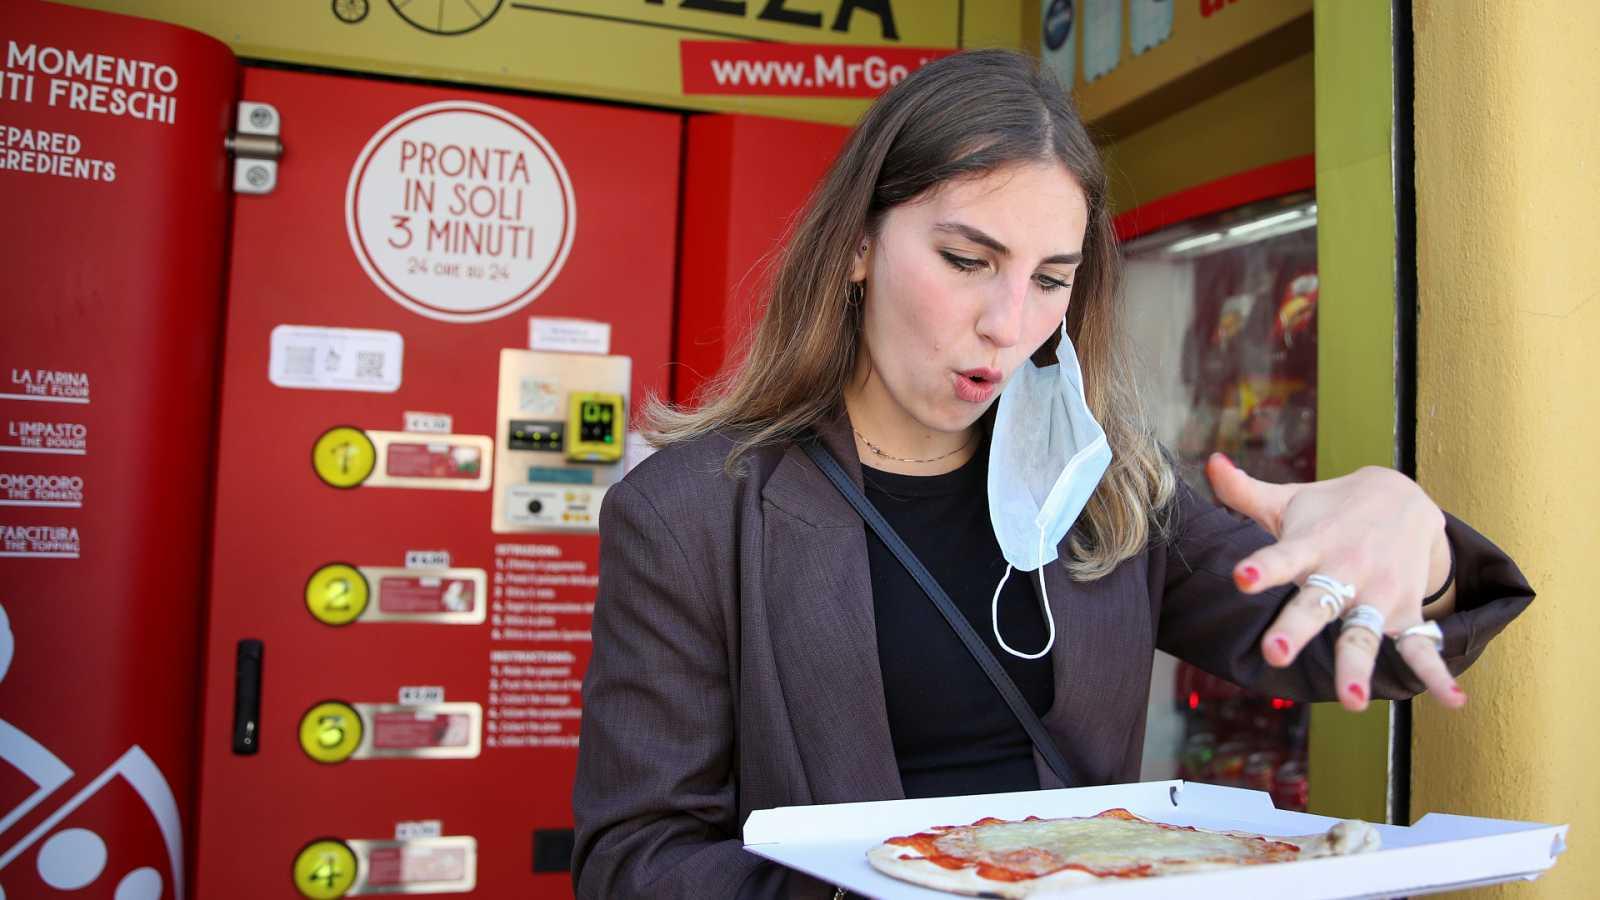 Una máquina expendedora prepara pizzas al instante